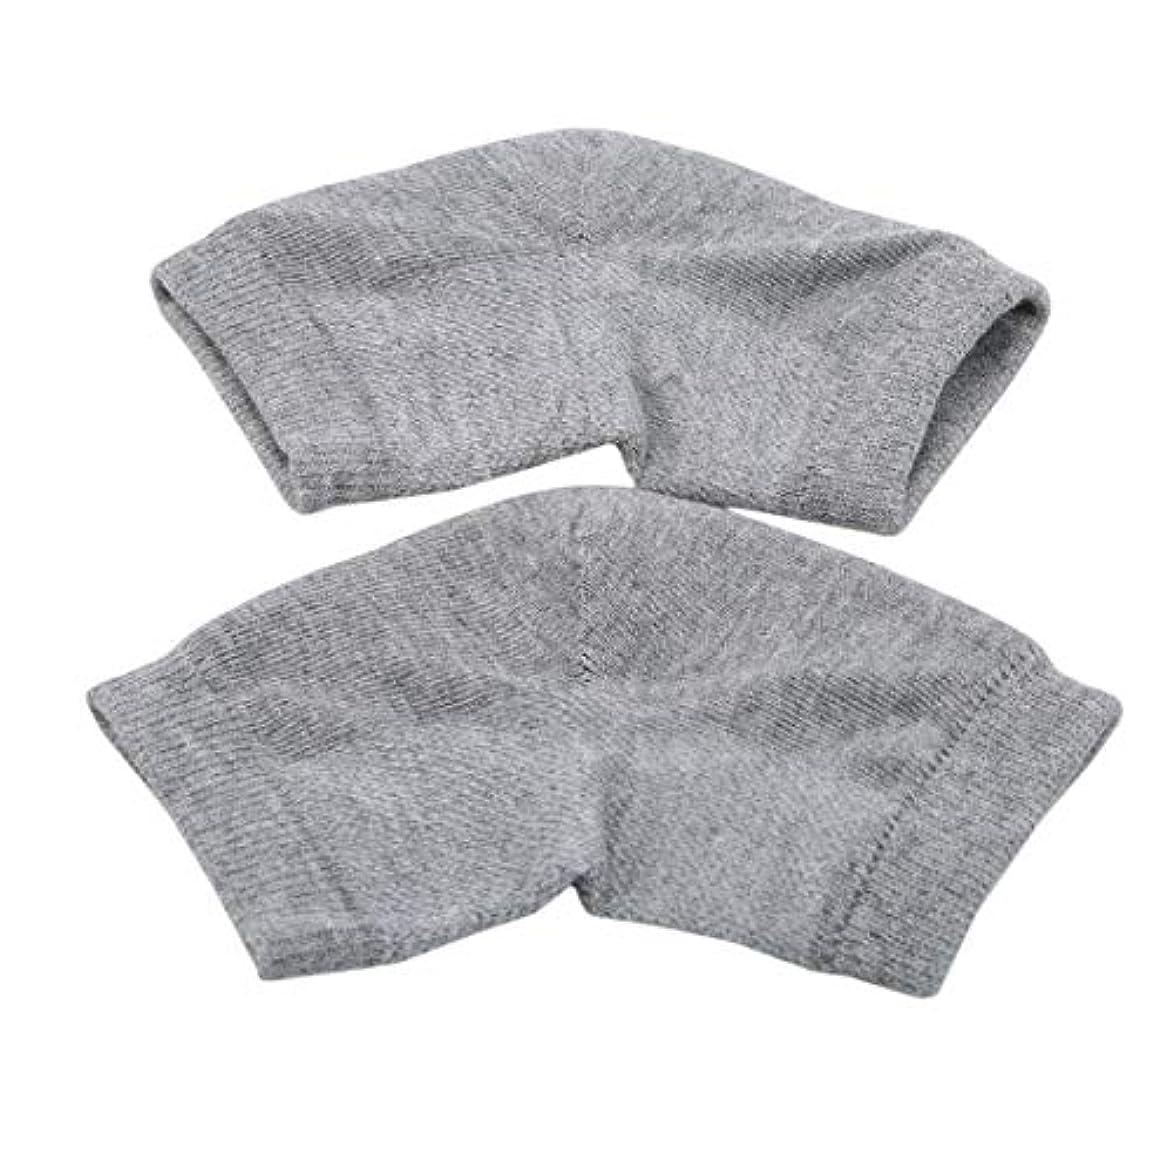 素晴らしきコミットエミュレートするKLUMA かかと靴下 ソックス 角質ケア スベスベ ツルツル うるおい 保湿 フットケア レディース メンズ 男女兼用 フリーサイズ 灰色